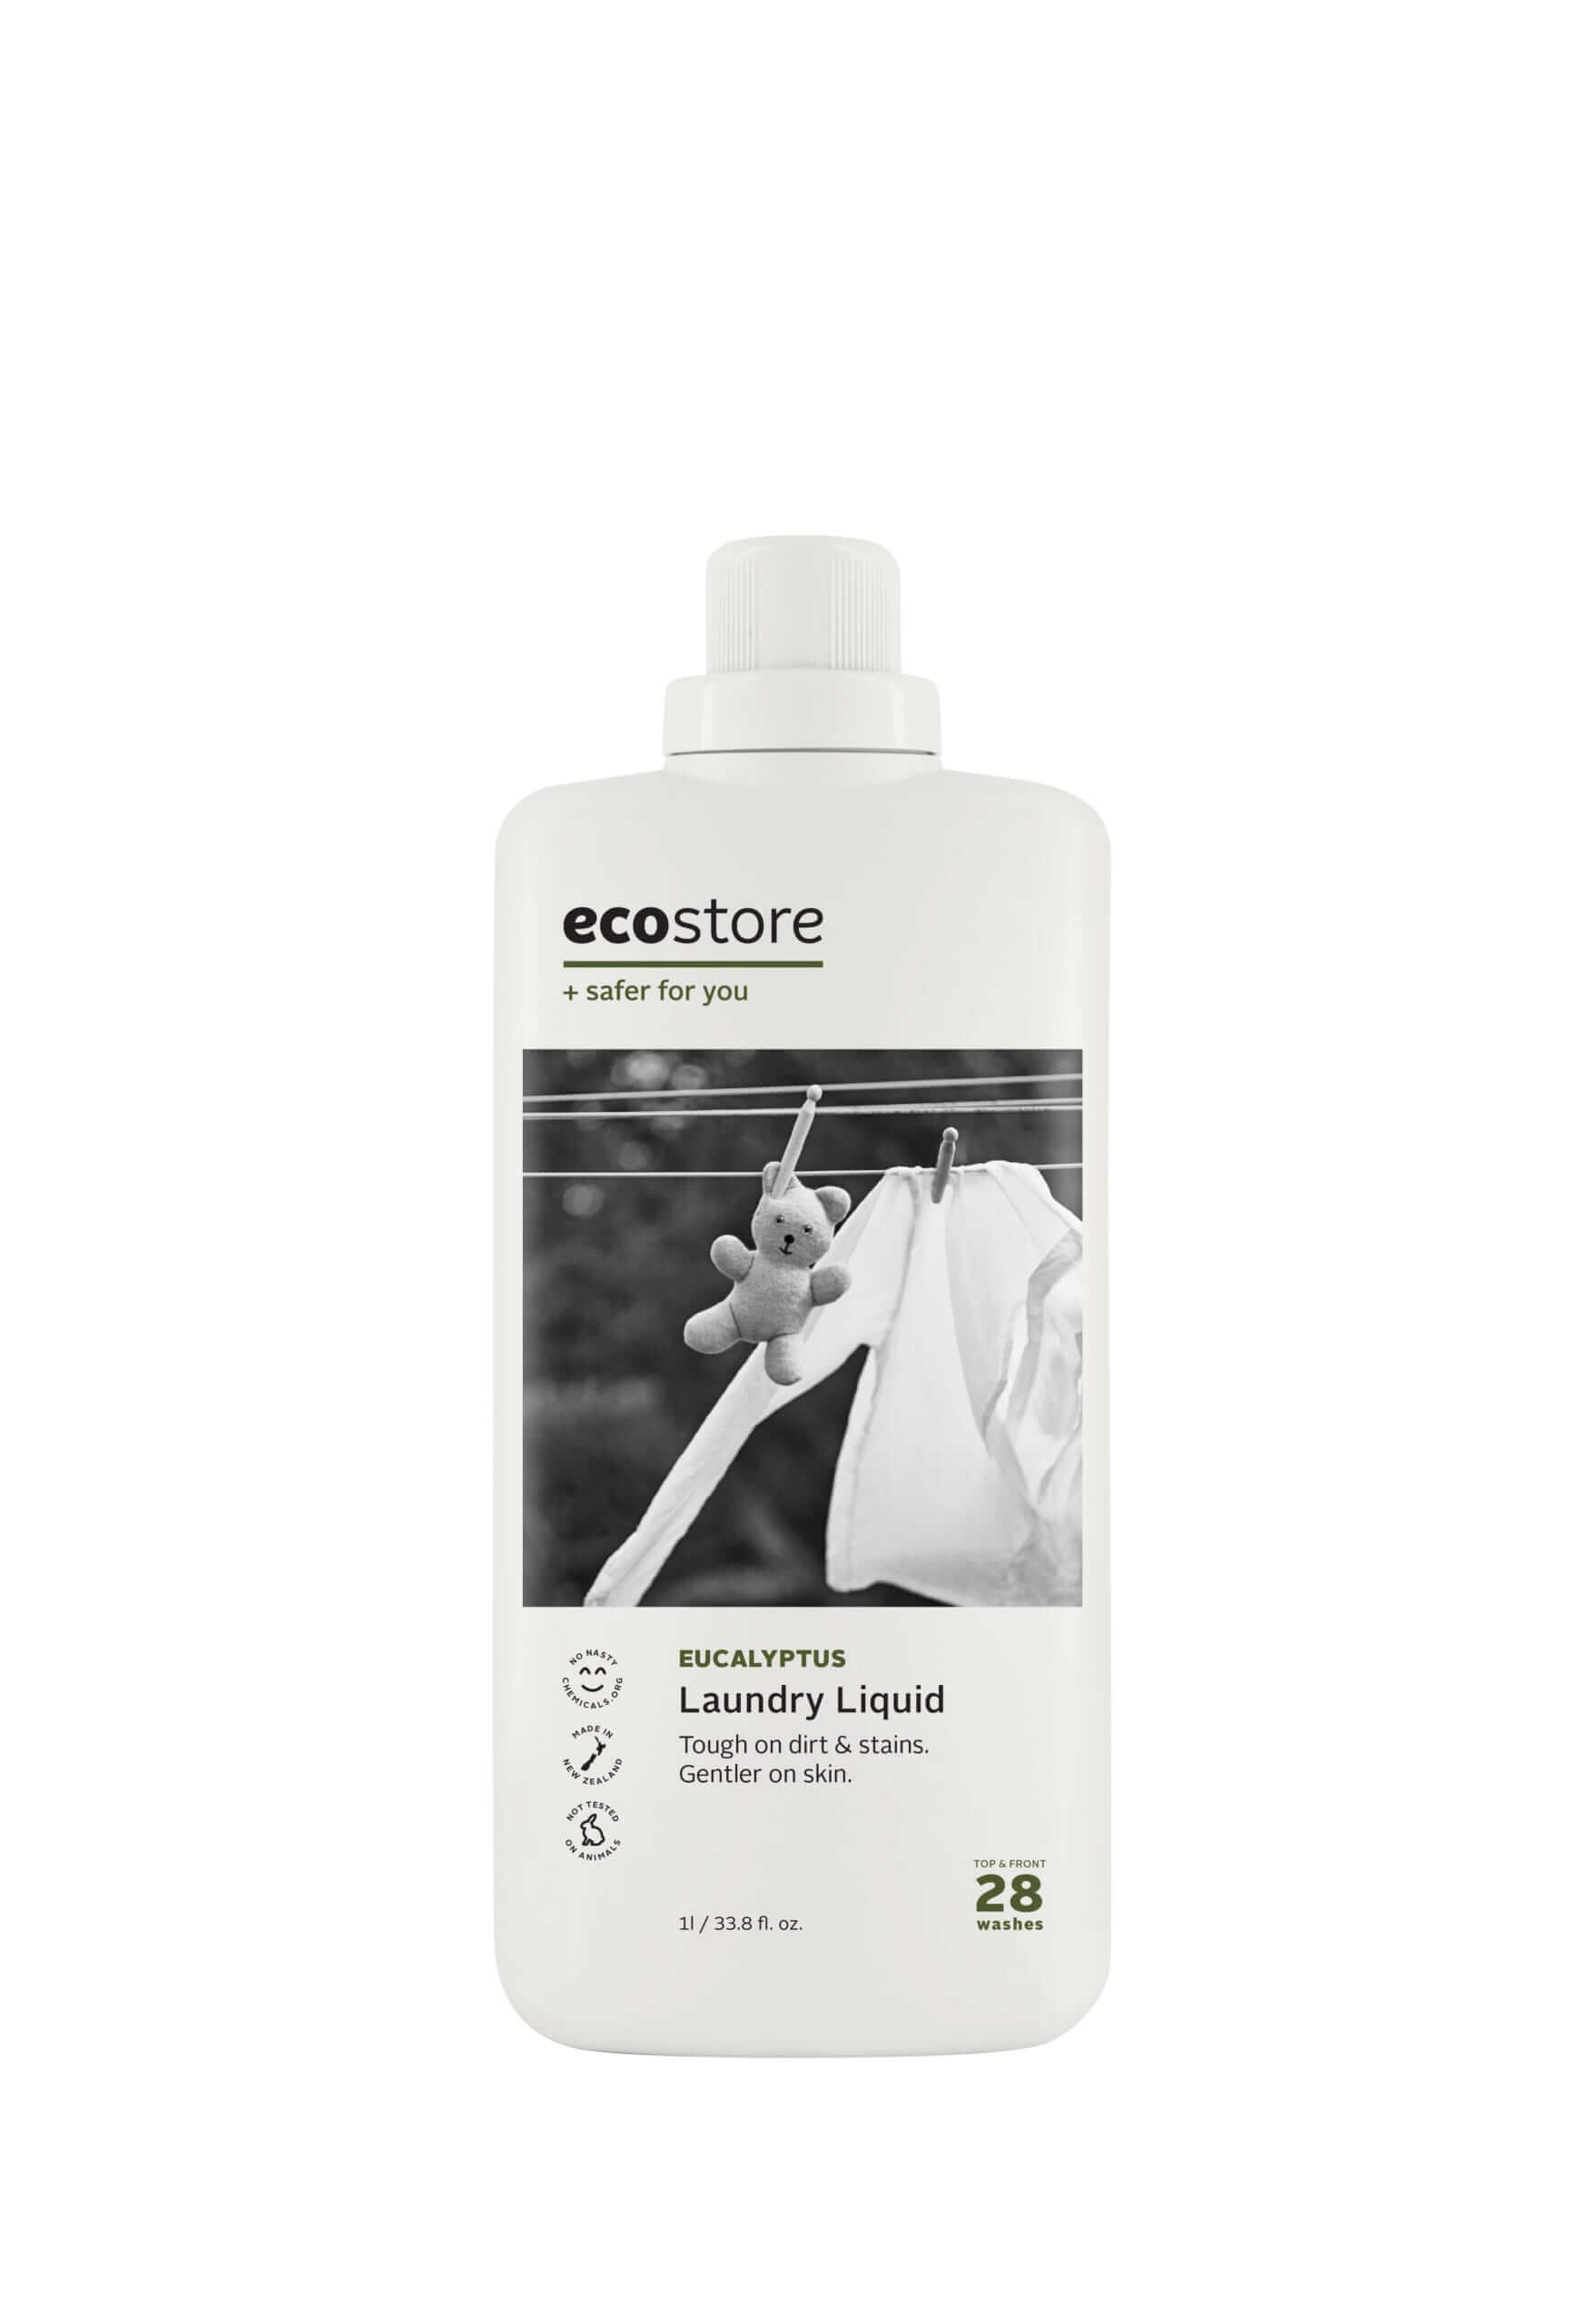 ecostore(エコストア)のランドリーリキッド<ユーカリ> 500mL/¥748(税込み)、1L/¥1,298(税込み)